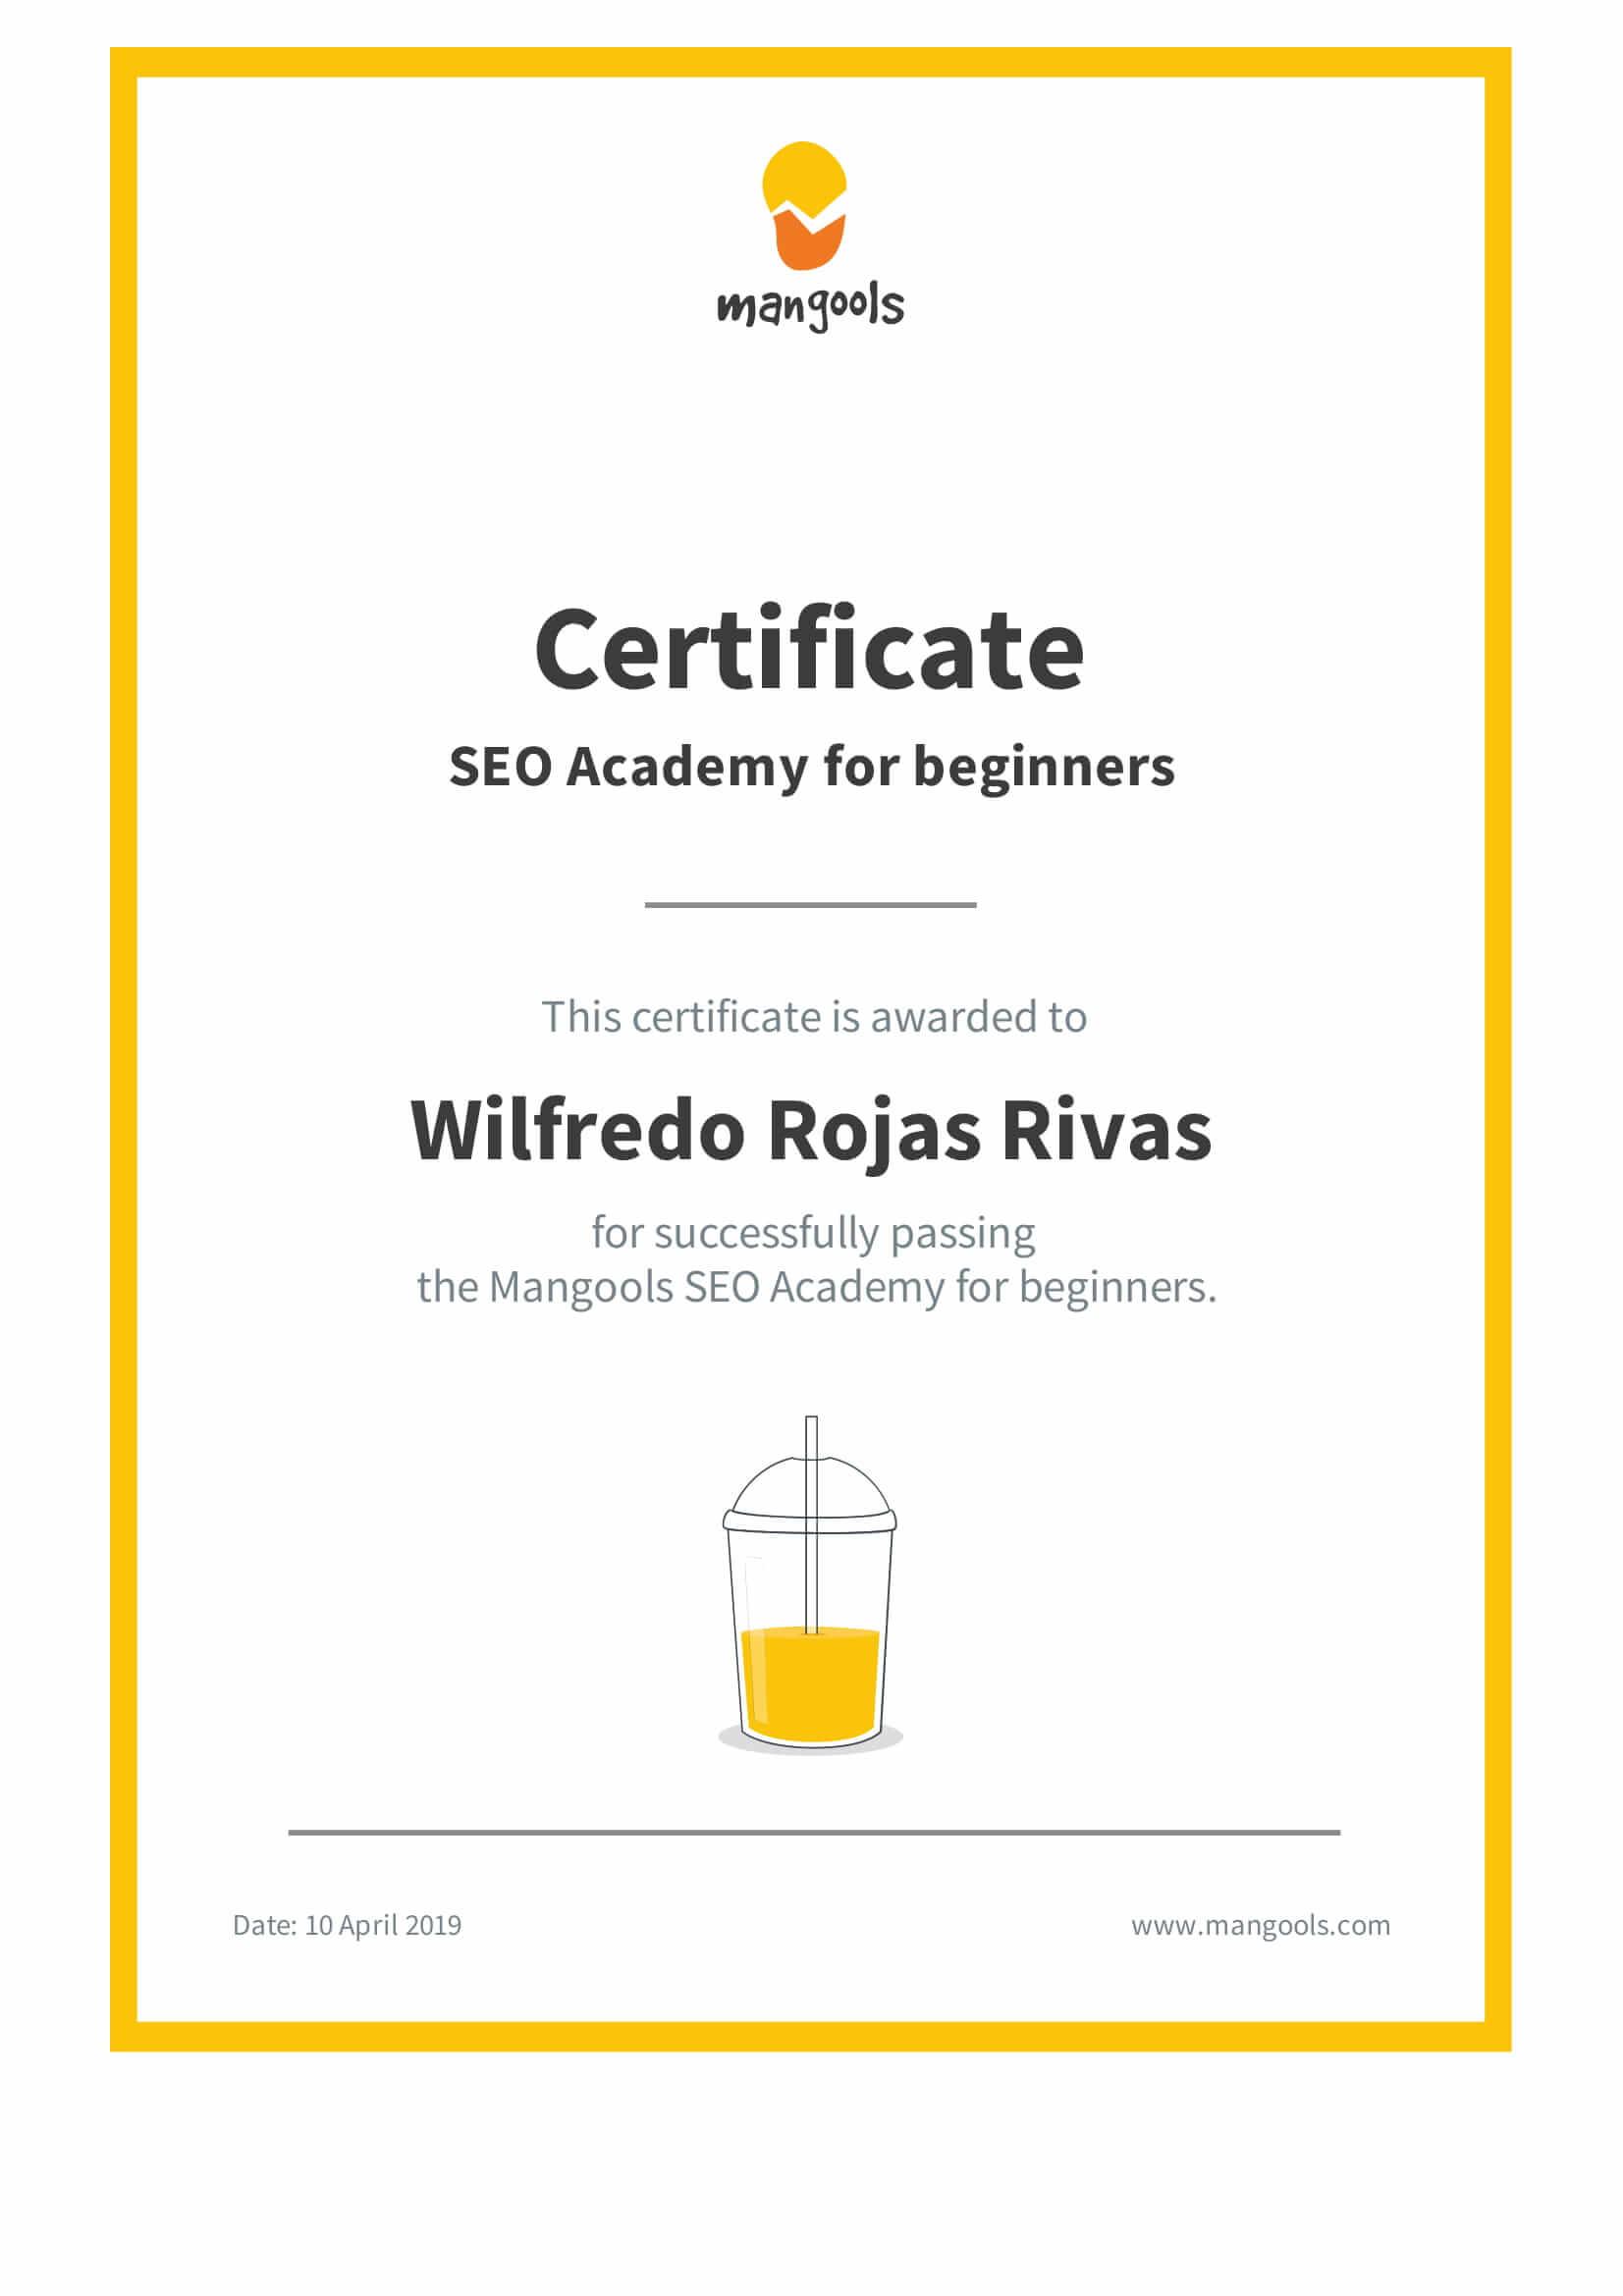 Certificacion mangools